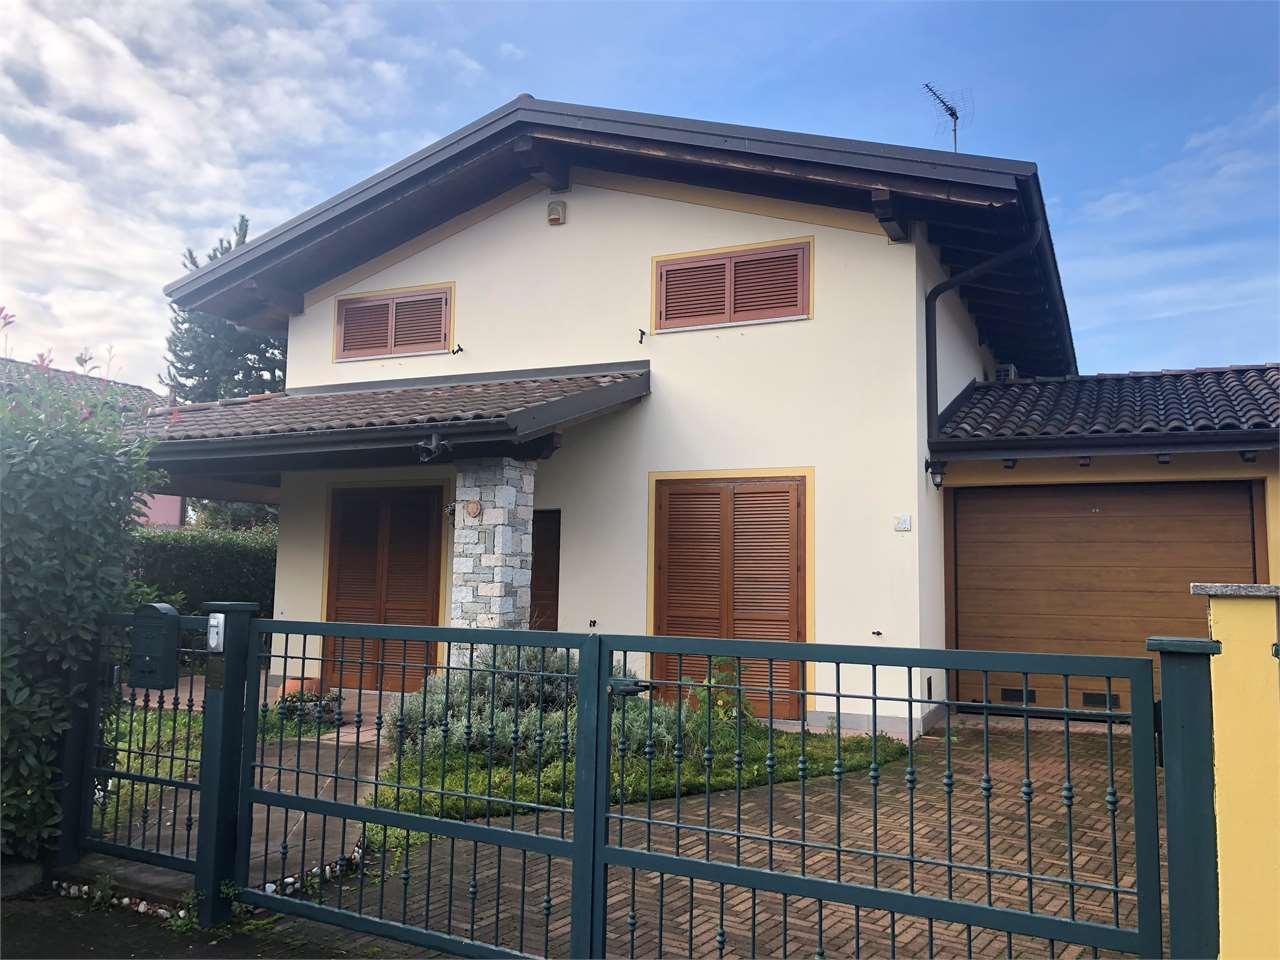 Villa in vendita a Veruno, 4 locali, prezzo € 240.000 | CambioCasa.it